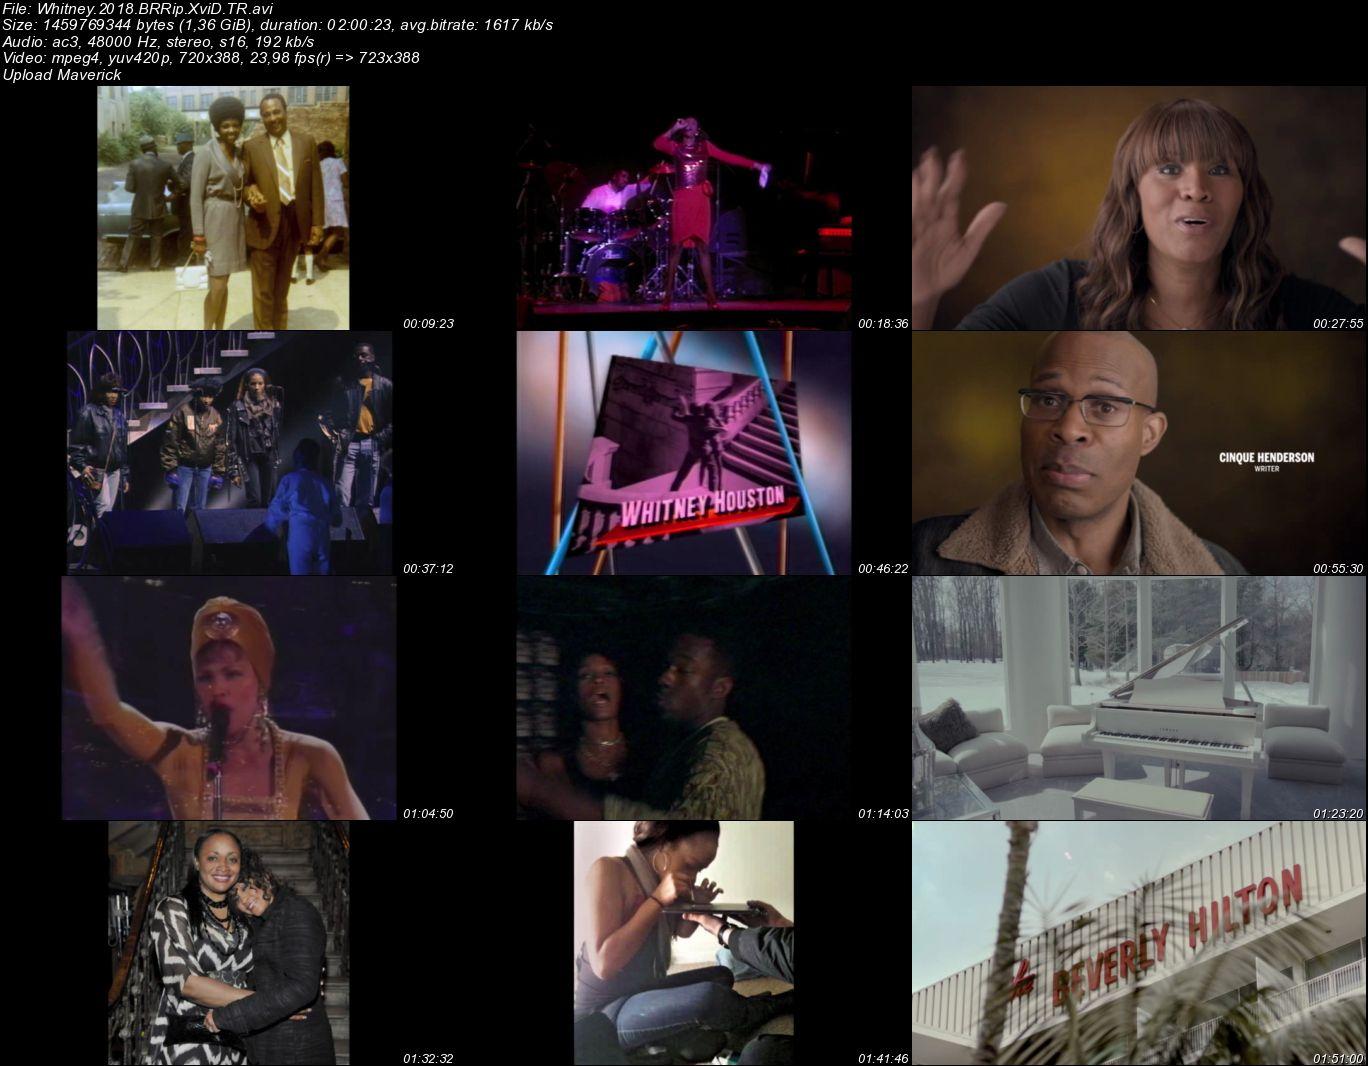 Whitney - 2018 Türkçe Dublaj BRRip indir